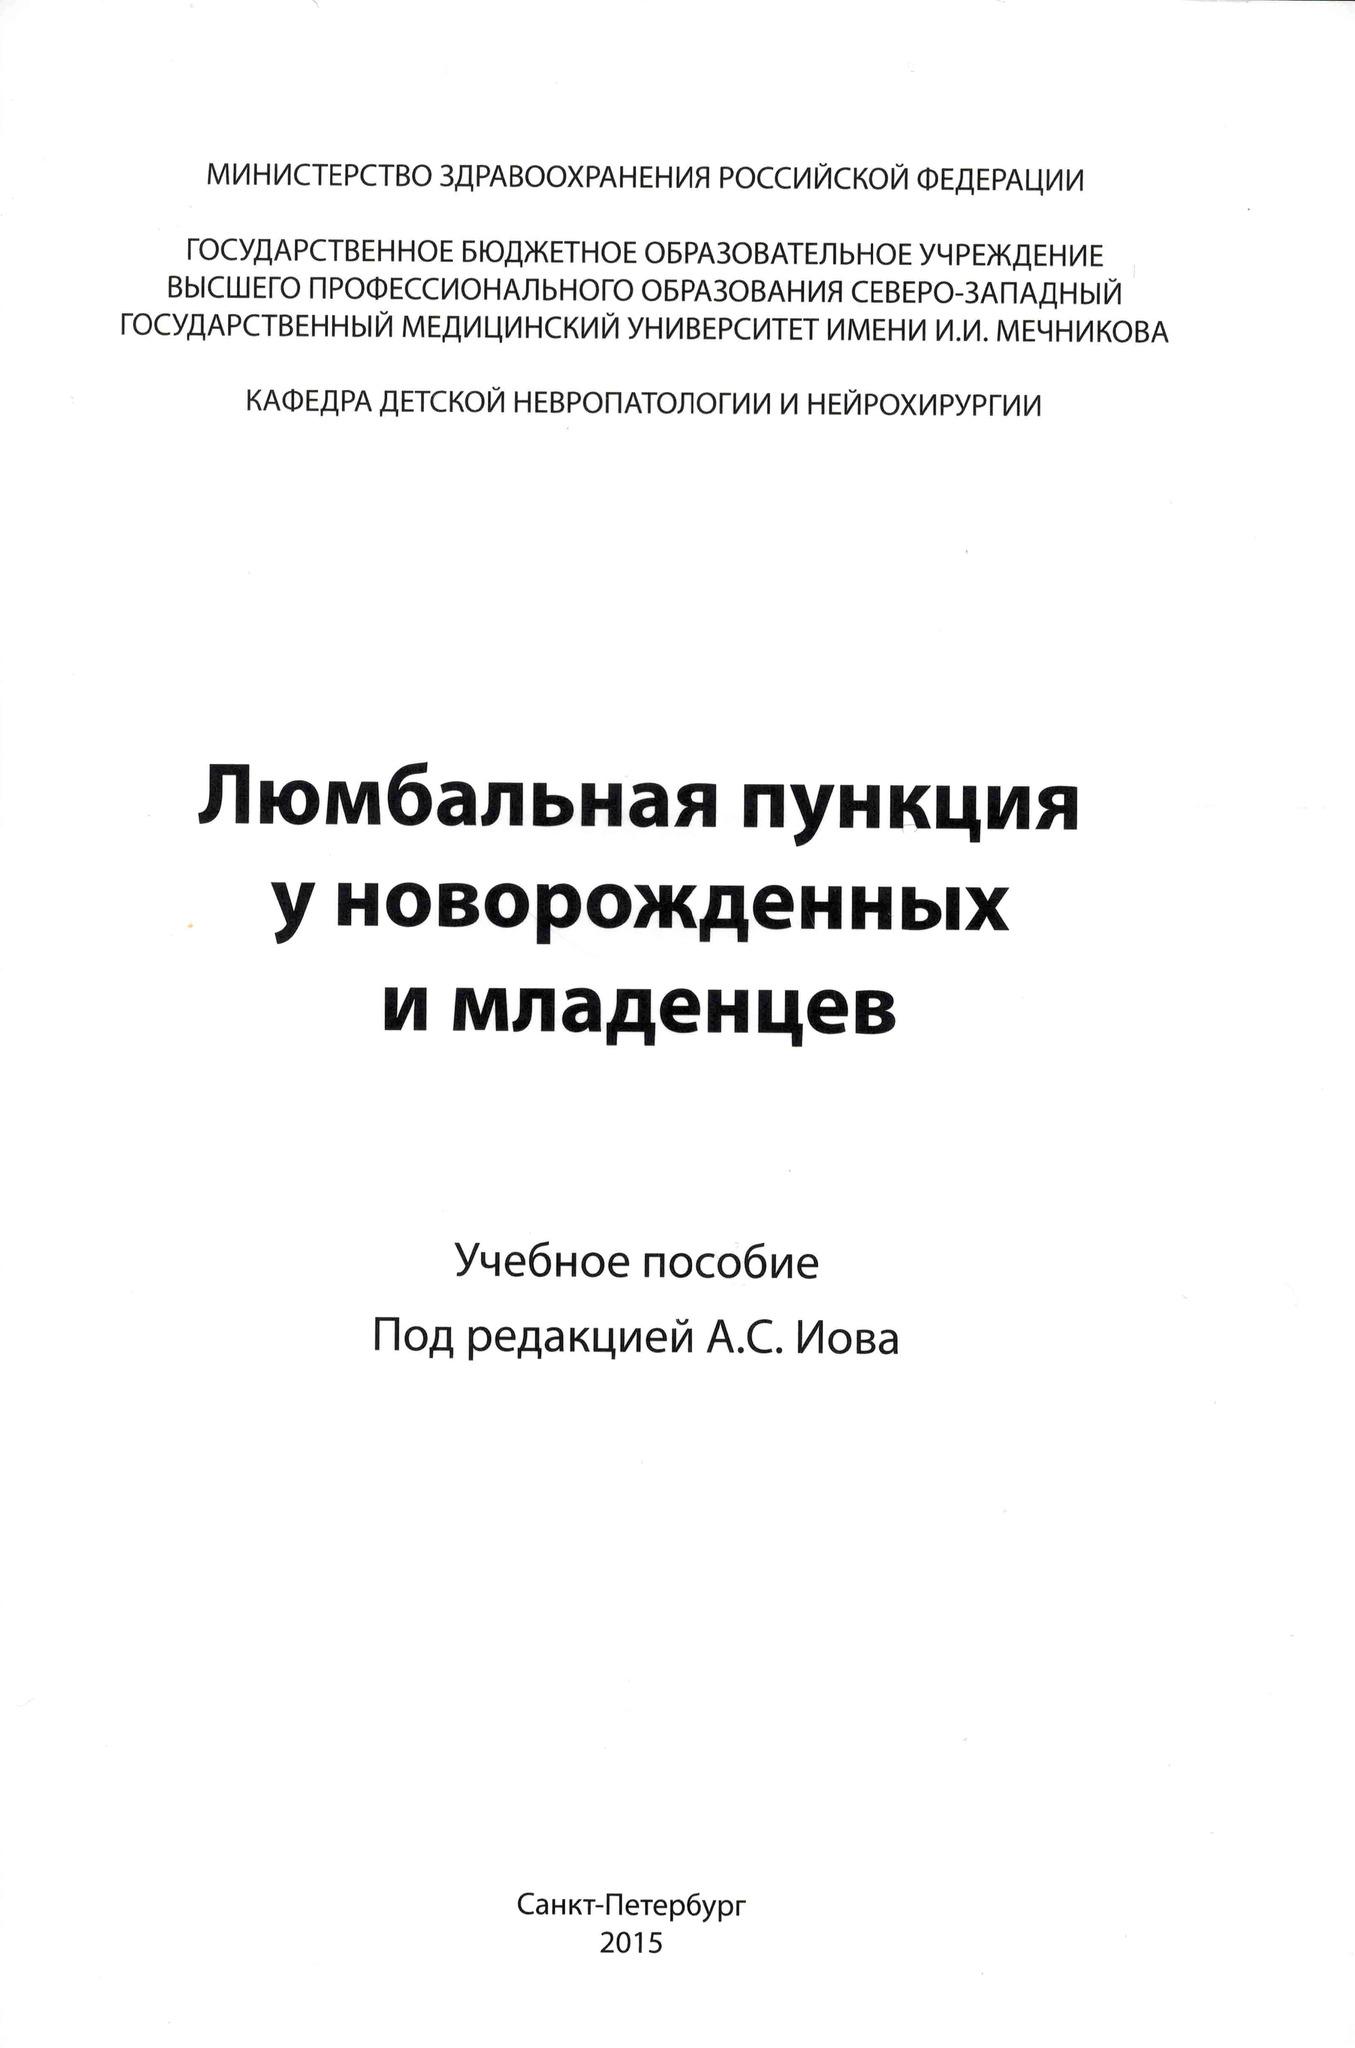 Книги по неонатологии Люмбальная пункция у новорожденных и младенцев lumbal_punkc.jpg